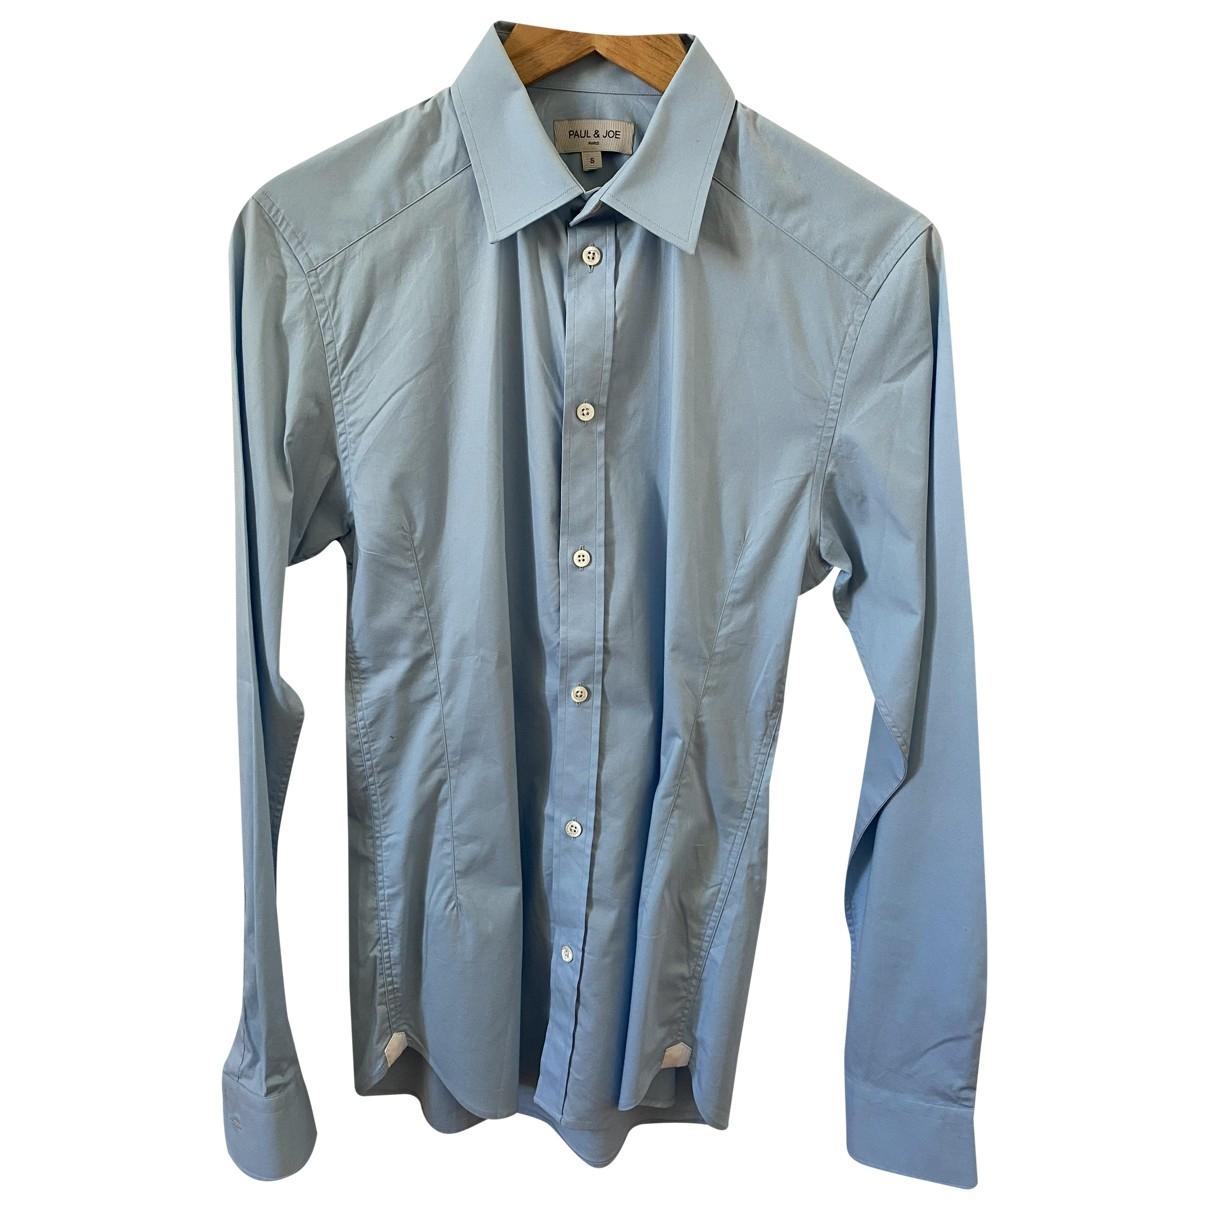 Paul & Joe - Chemises   pour homme en coton - bleu